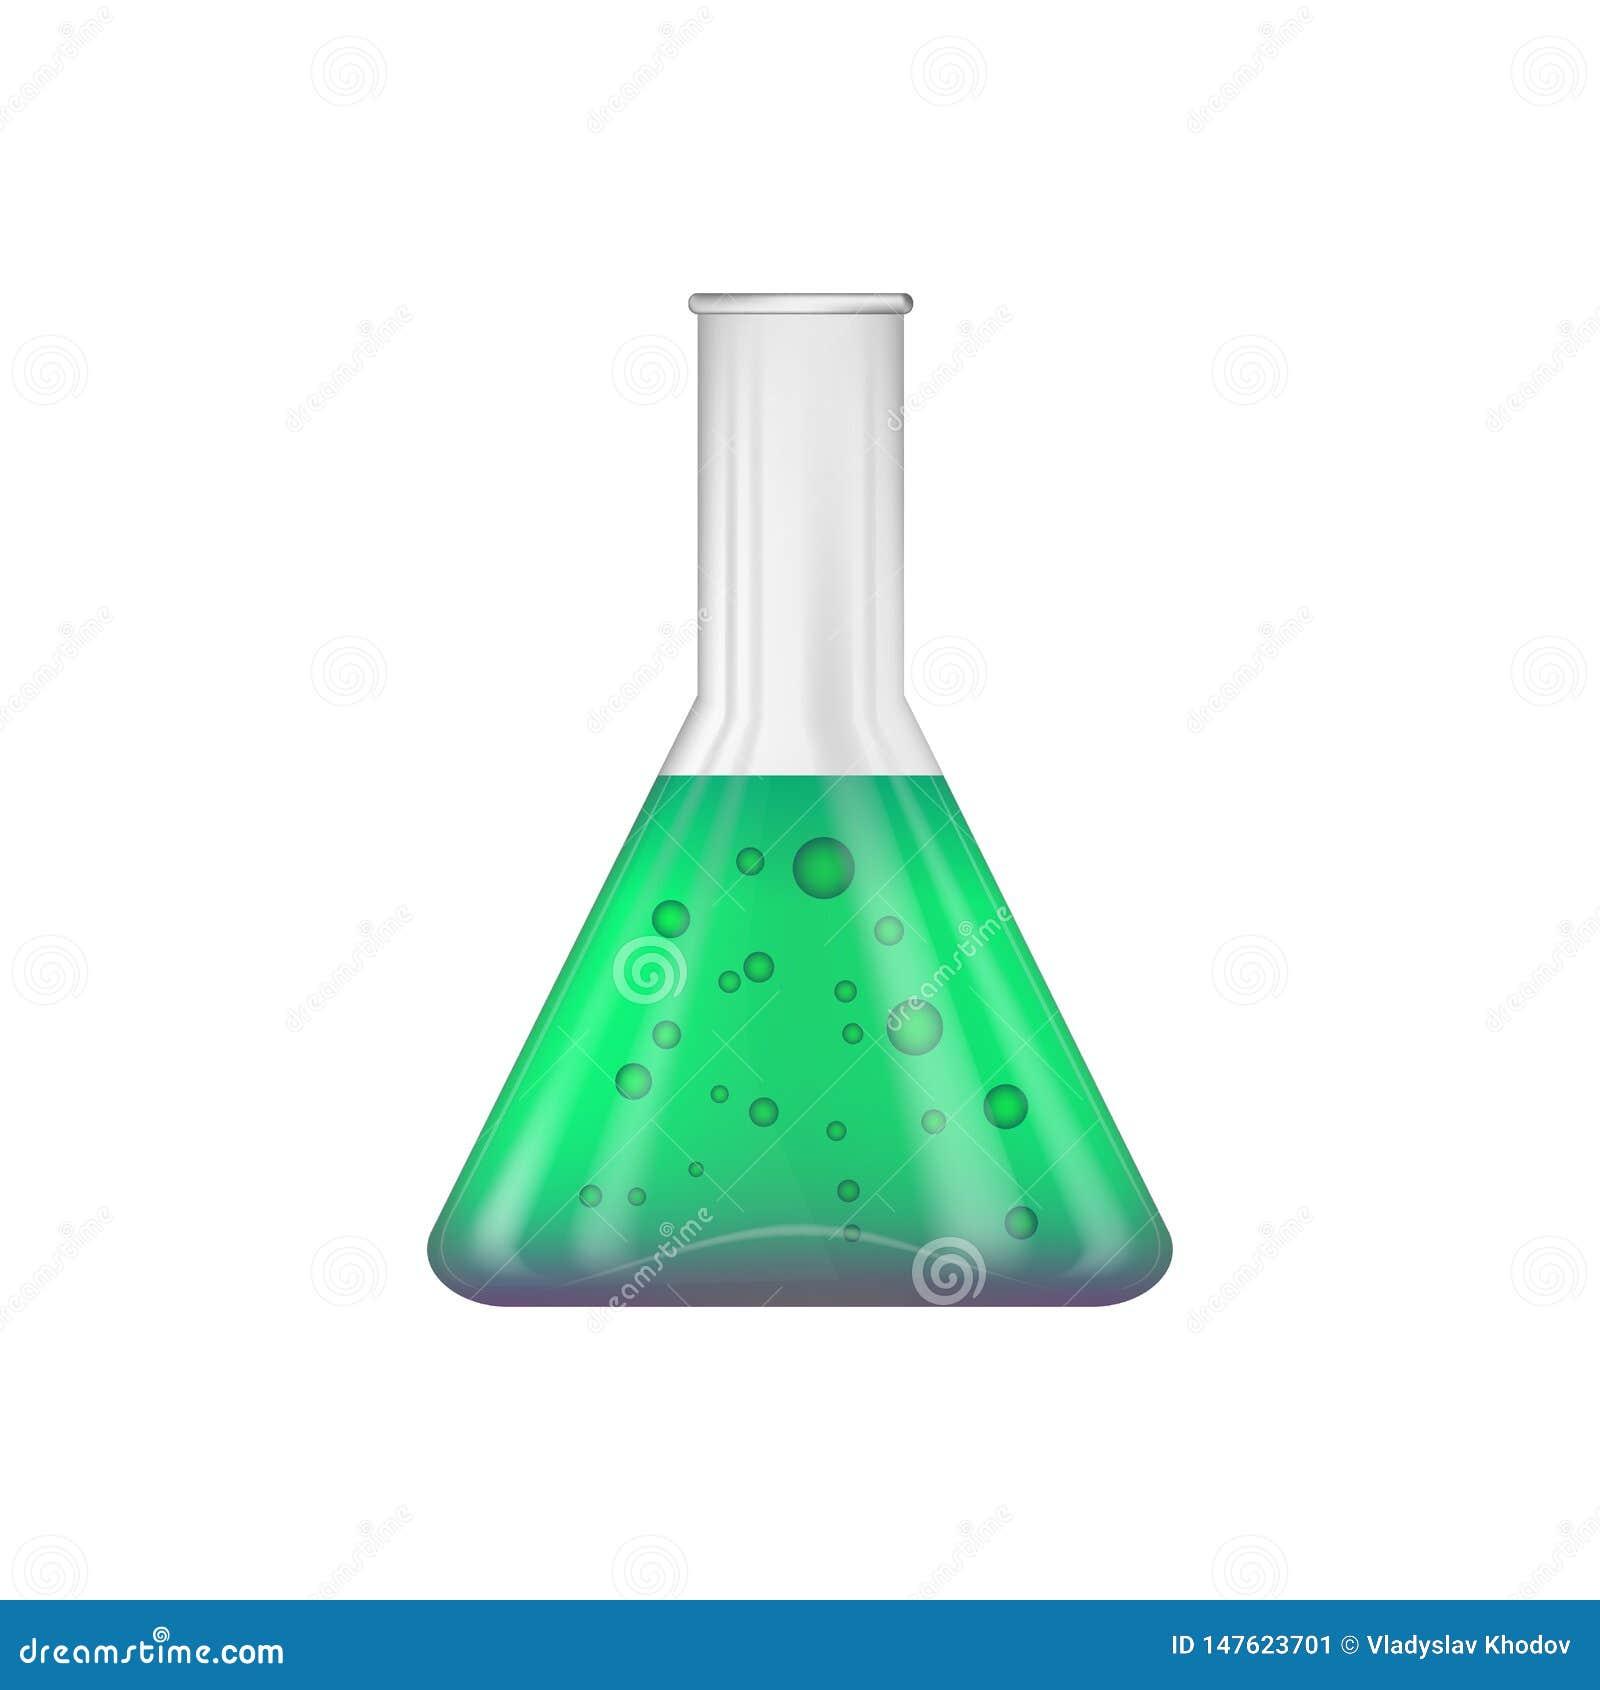 ?? 有绿色的一个圆锥形的化工烧瓶-里面紫色试剂